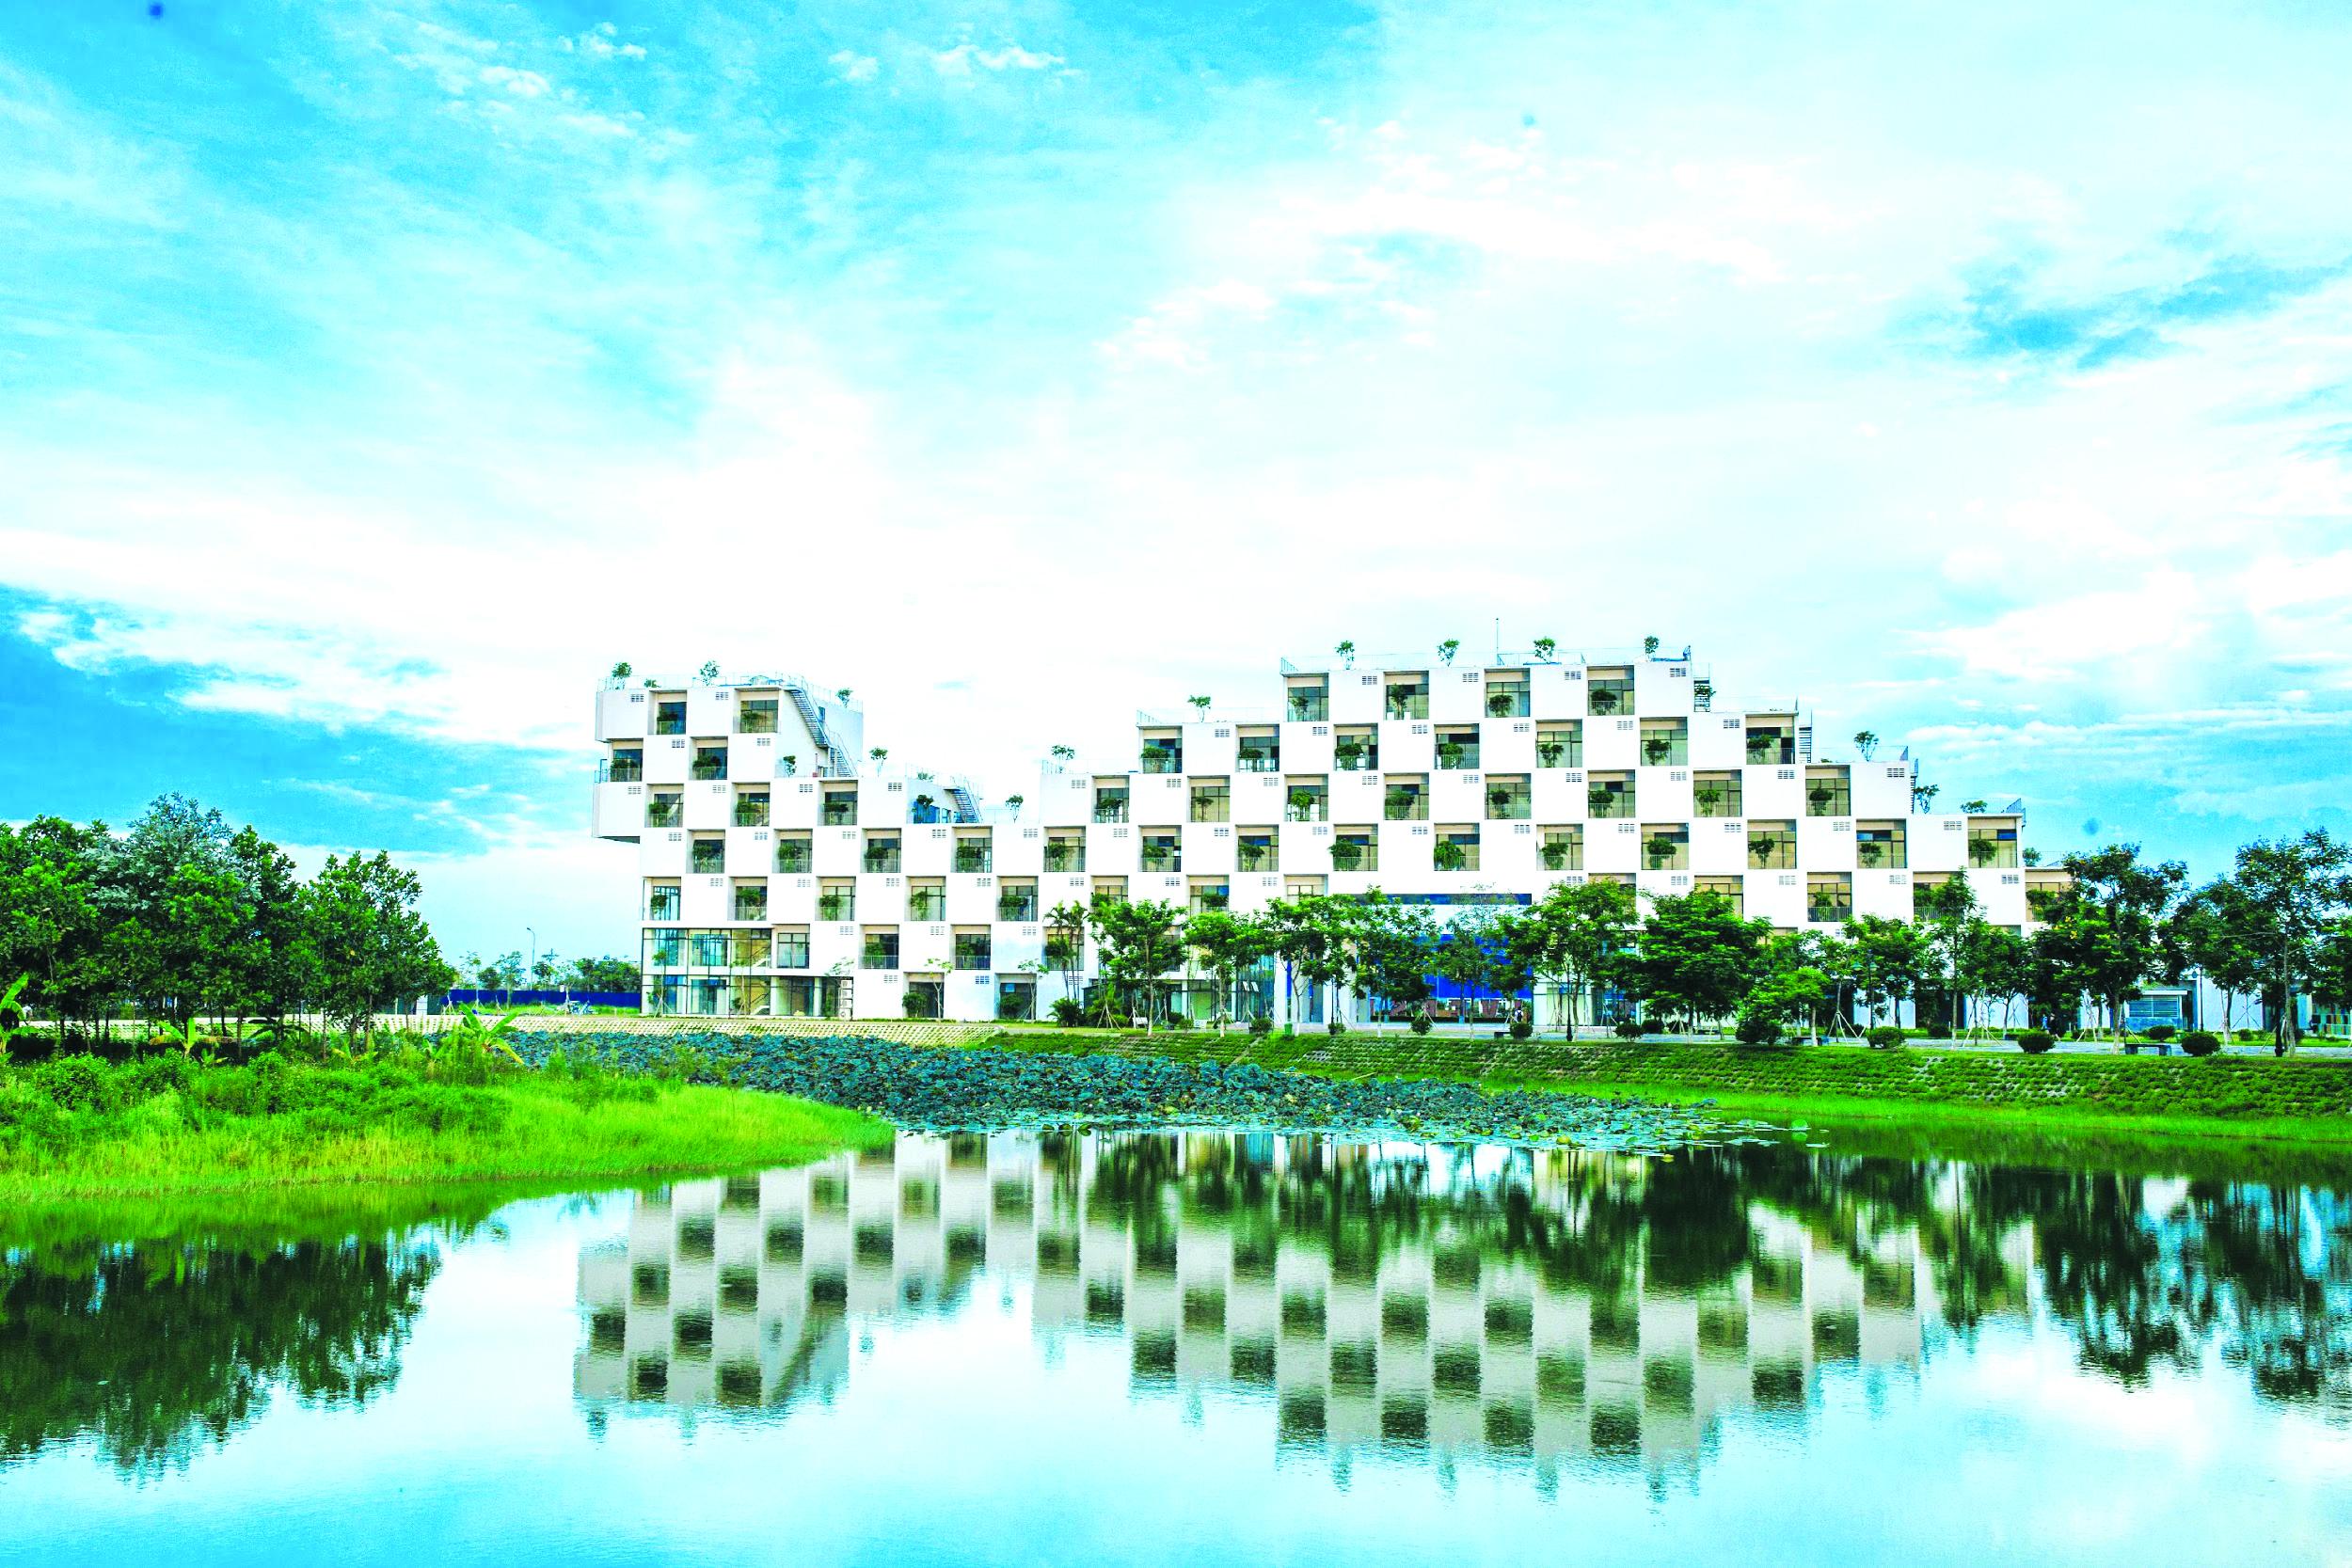 Công trình tòa nhà đại học FPT (Hòa Lạc) sau khi khánh thành